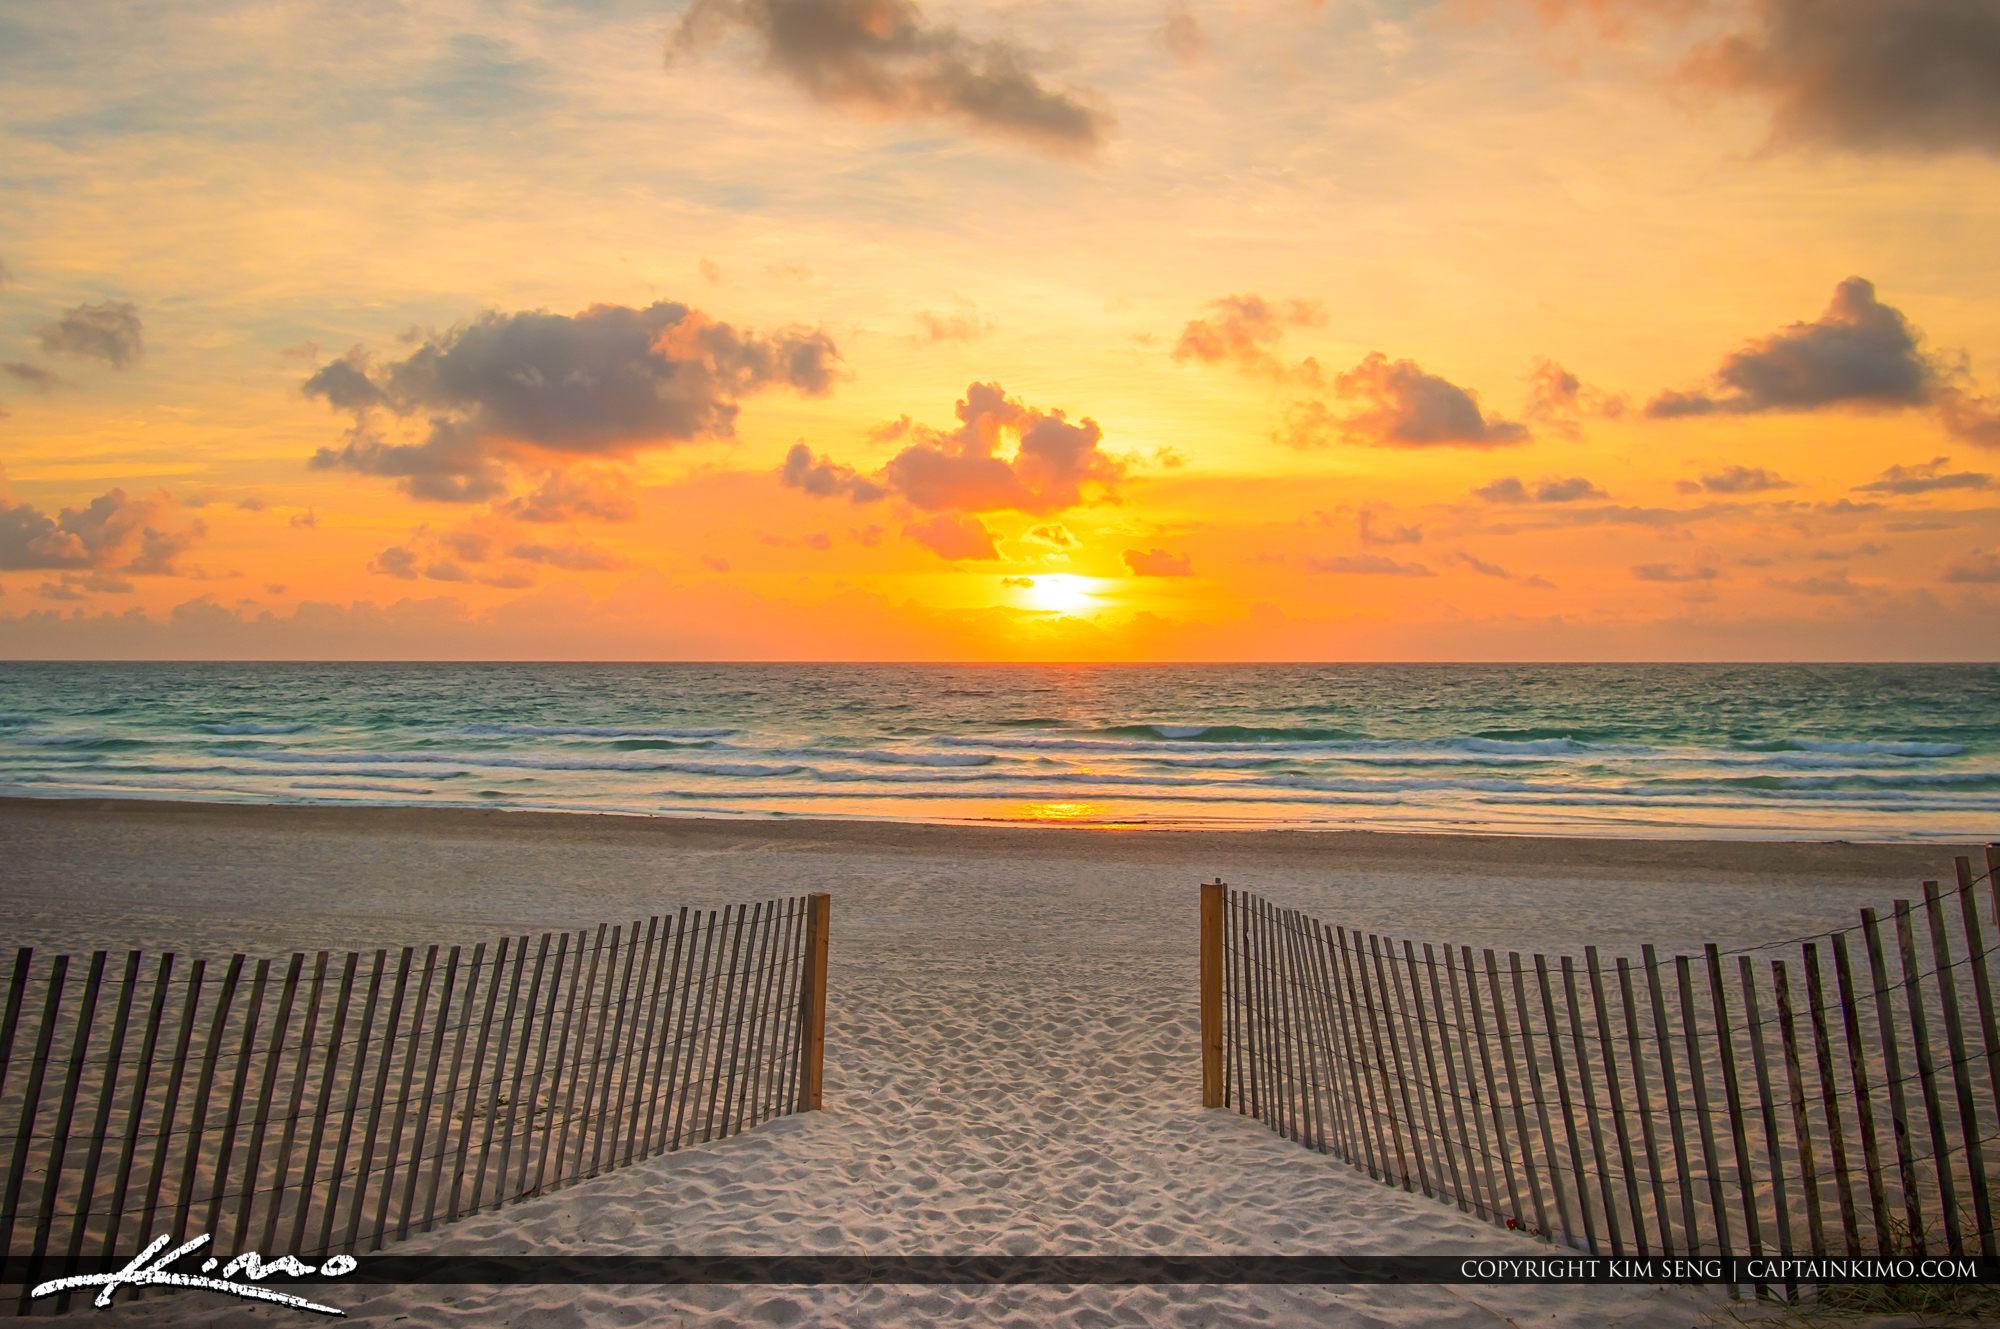 Equinox South Beach >> Miami Beach South Pointe Park Inlet Sunrise | HDR ...